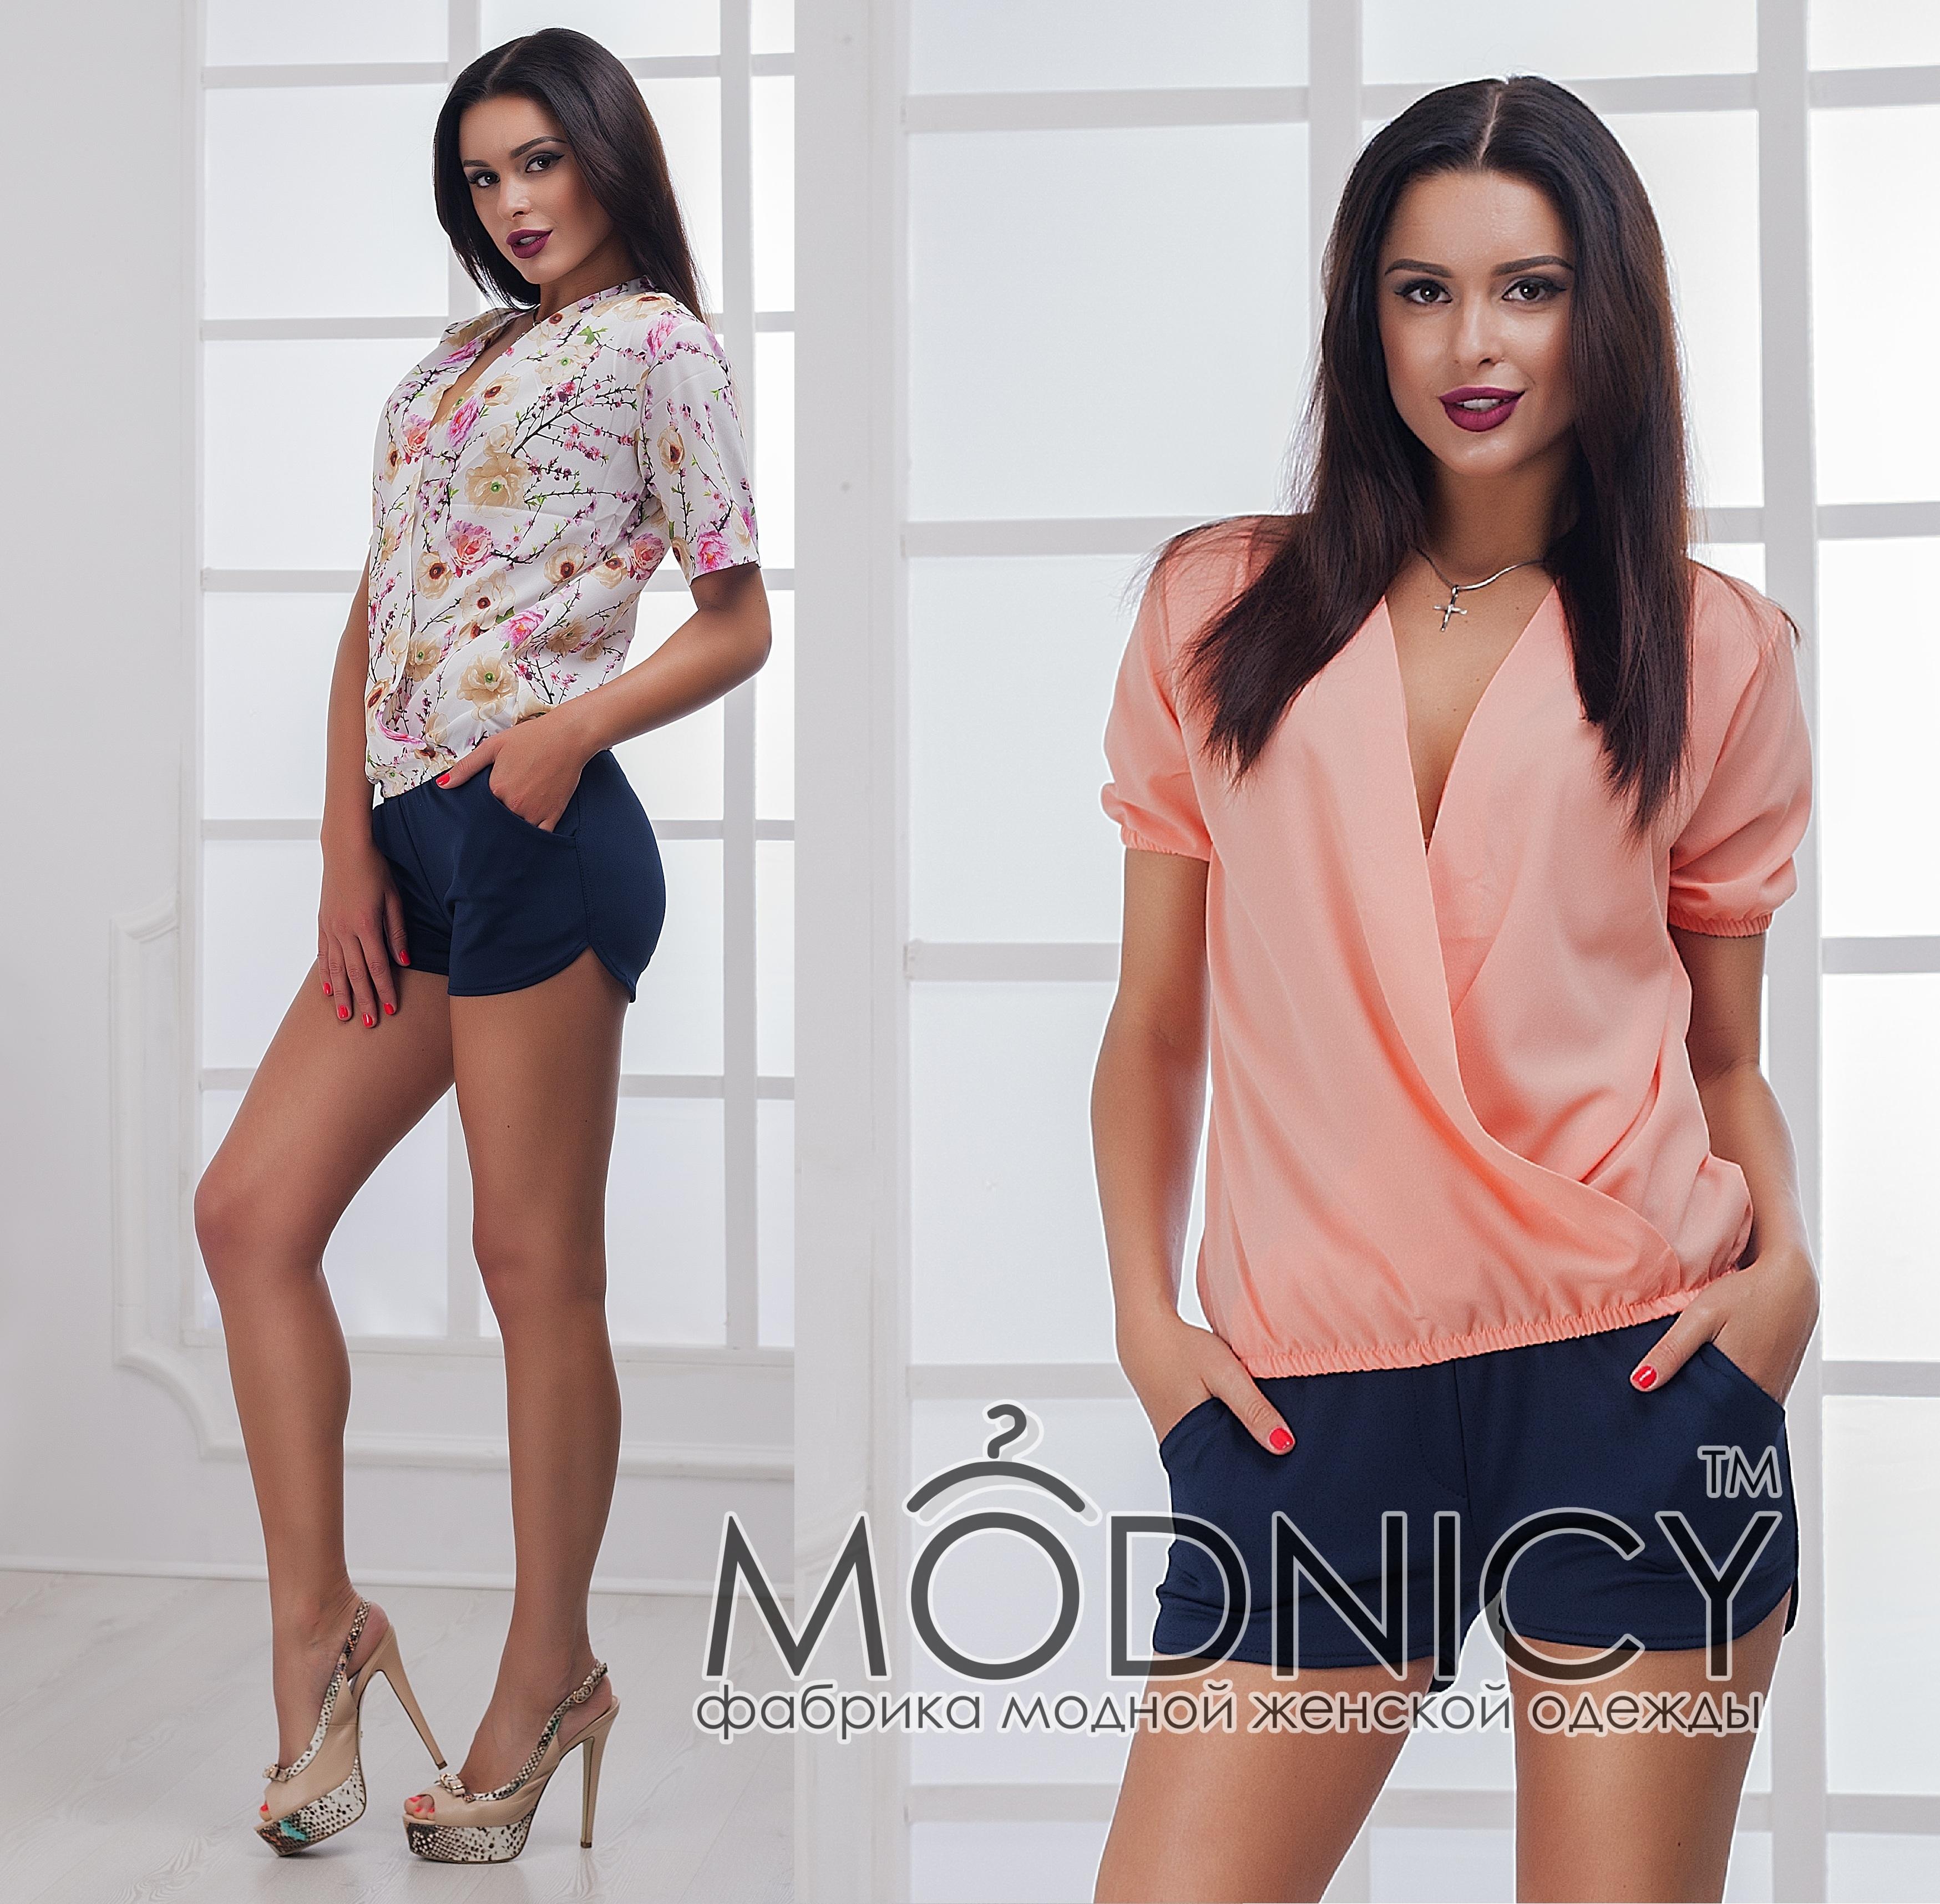 72fdbc63d86 Женская одежда недорого в интернет магазине Модницы Одесса Украина